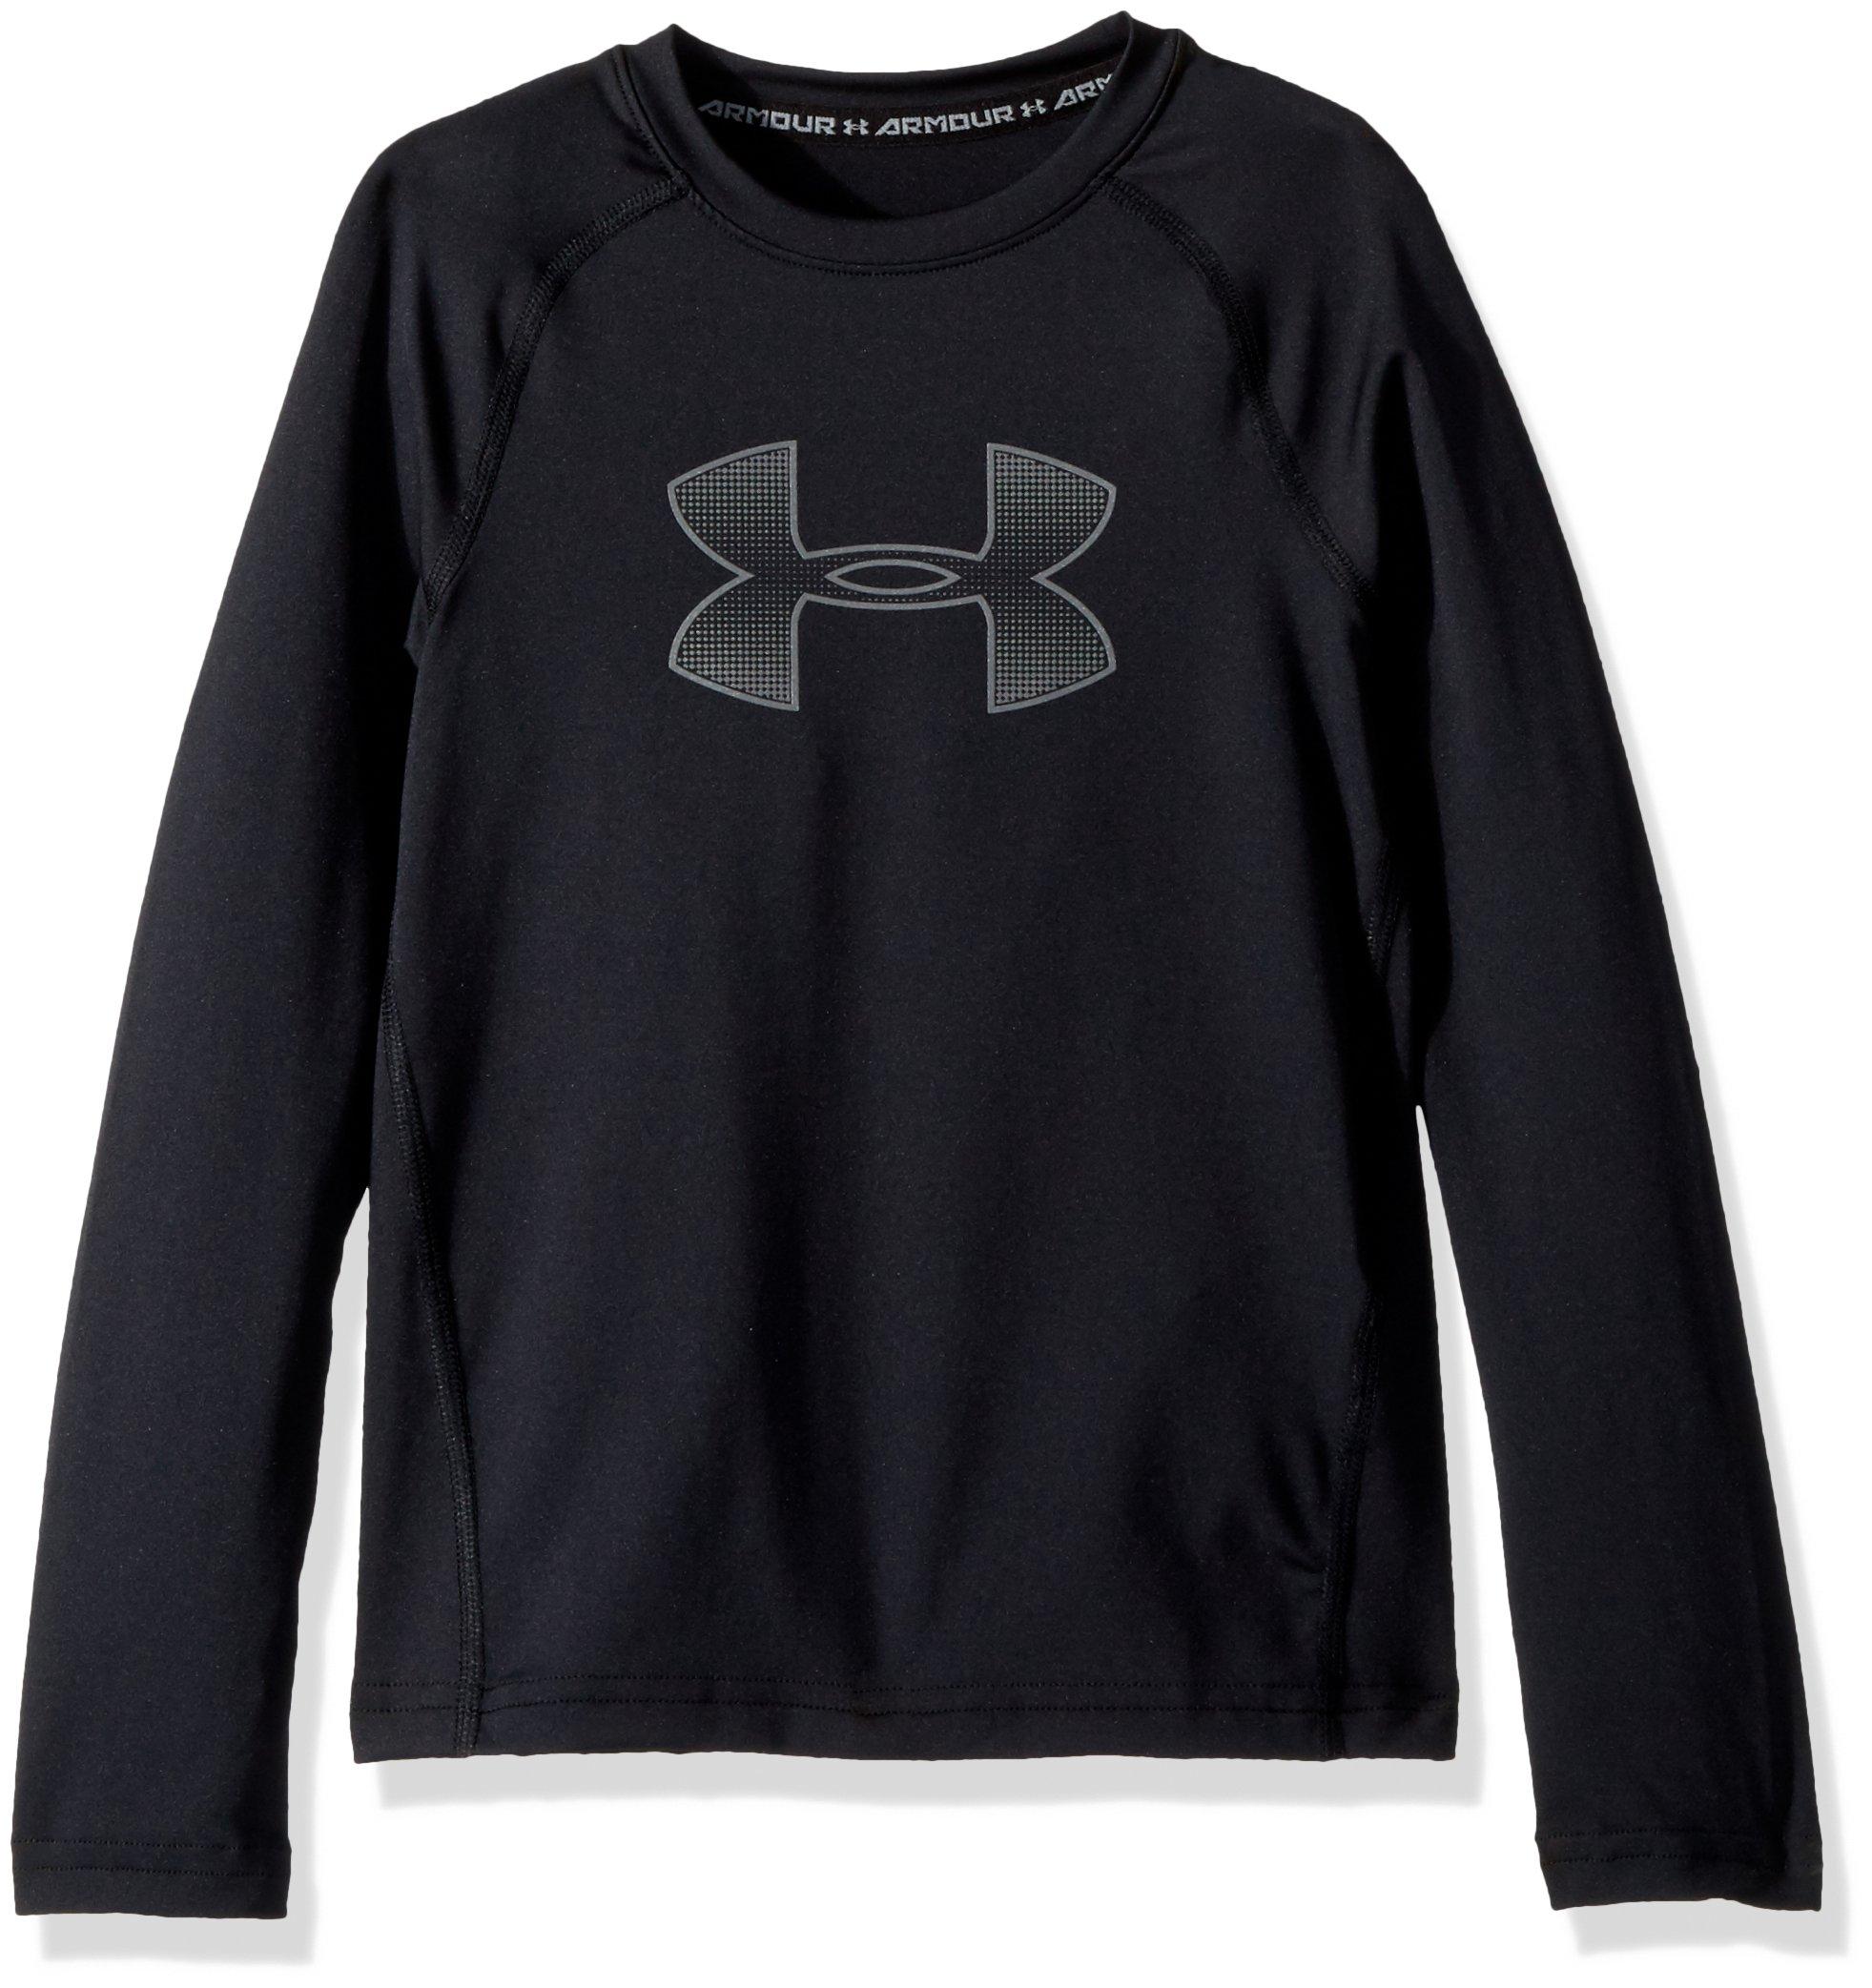 Under Armour Boys' HeatGear Armour Long Sleeve, Black (002)/Graphite, Youth X-Small